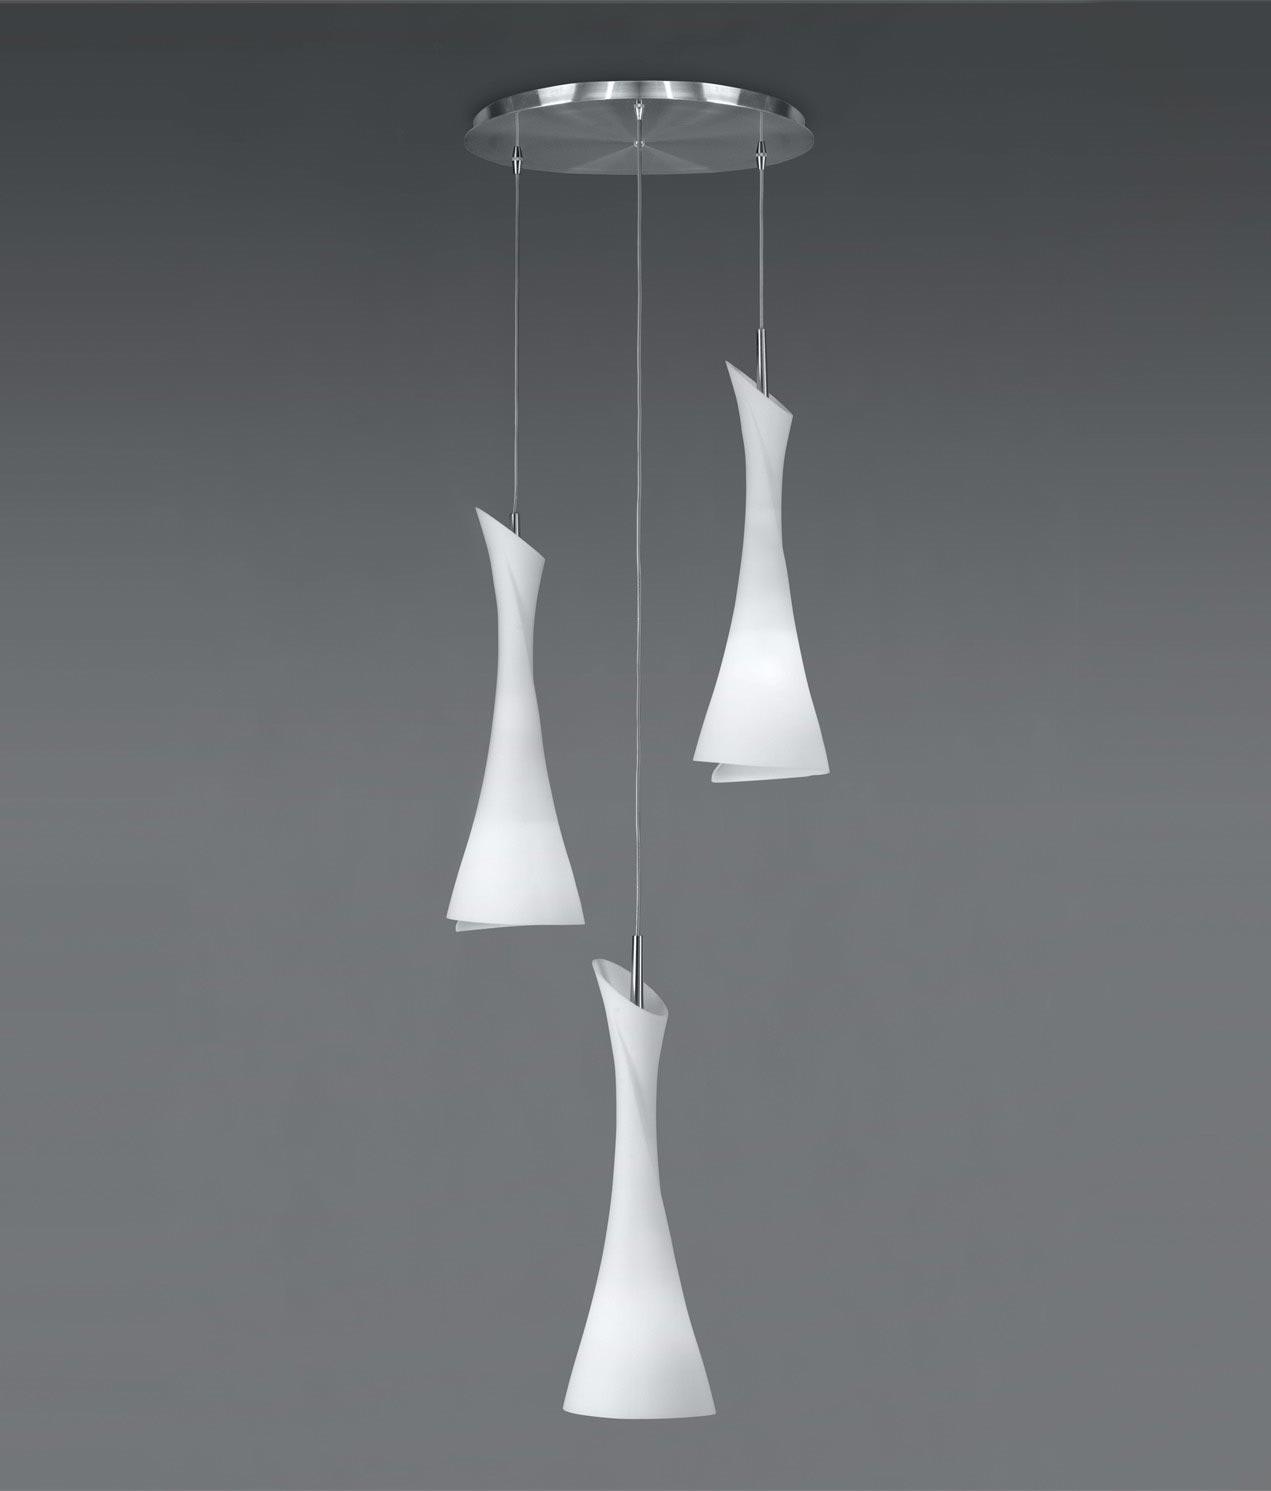 Lámpara colgante circular ZACK 3 luces